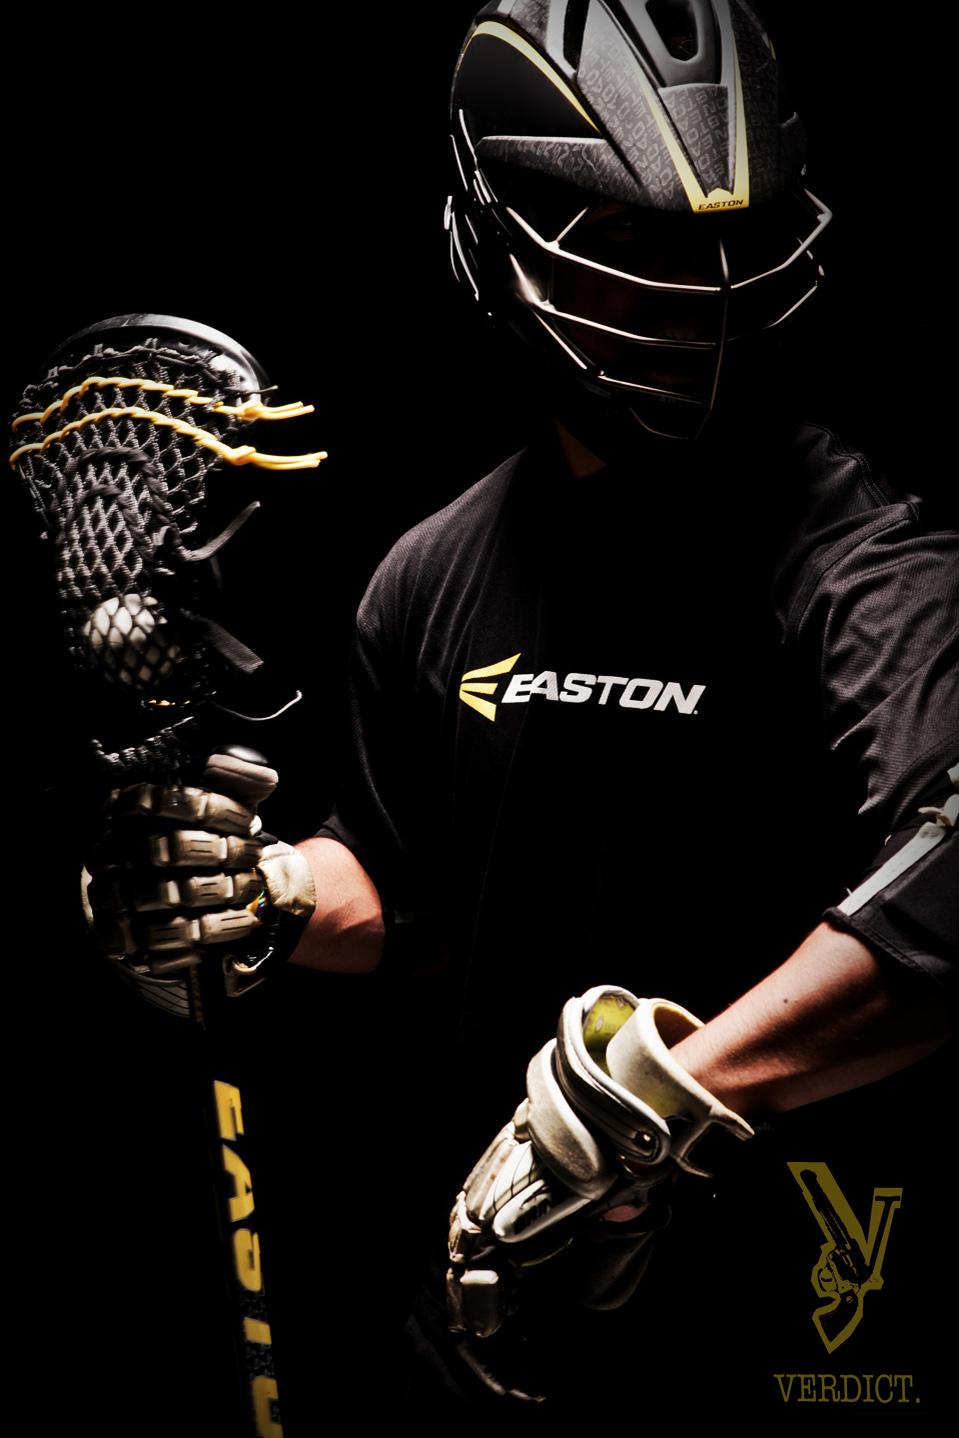 Nike Lacrosse Wallpaper Cool Lacrosse Wallpape...